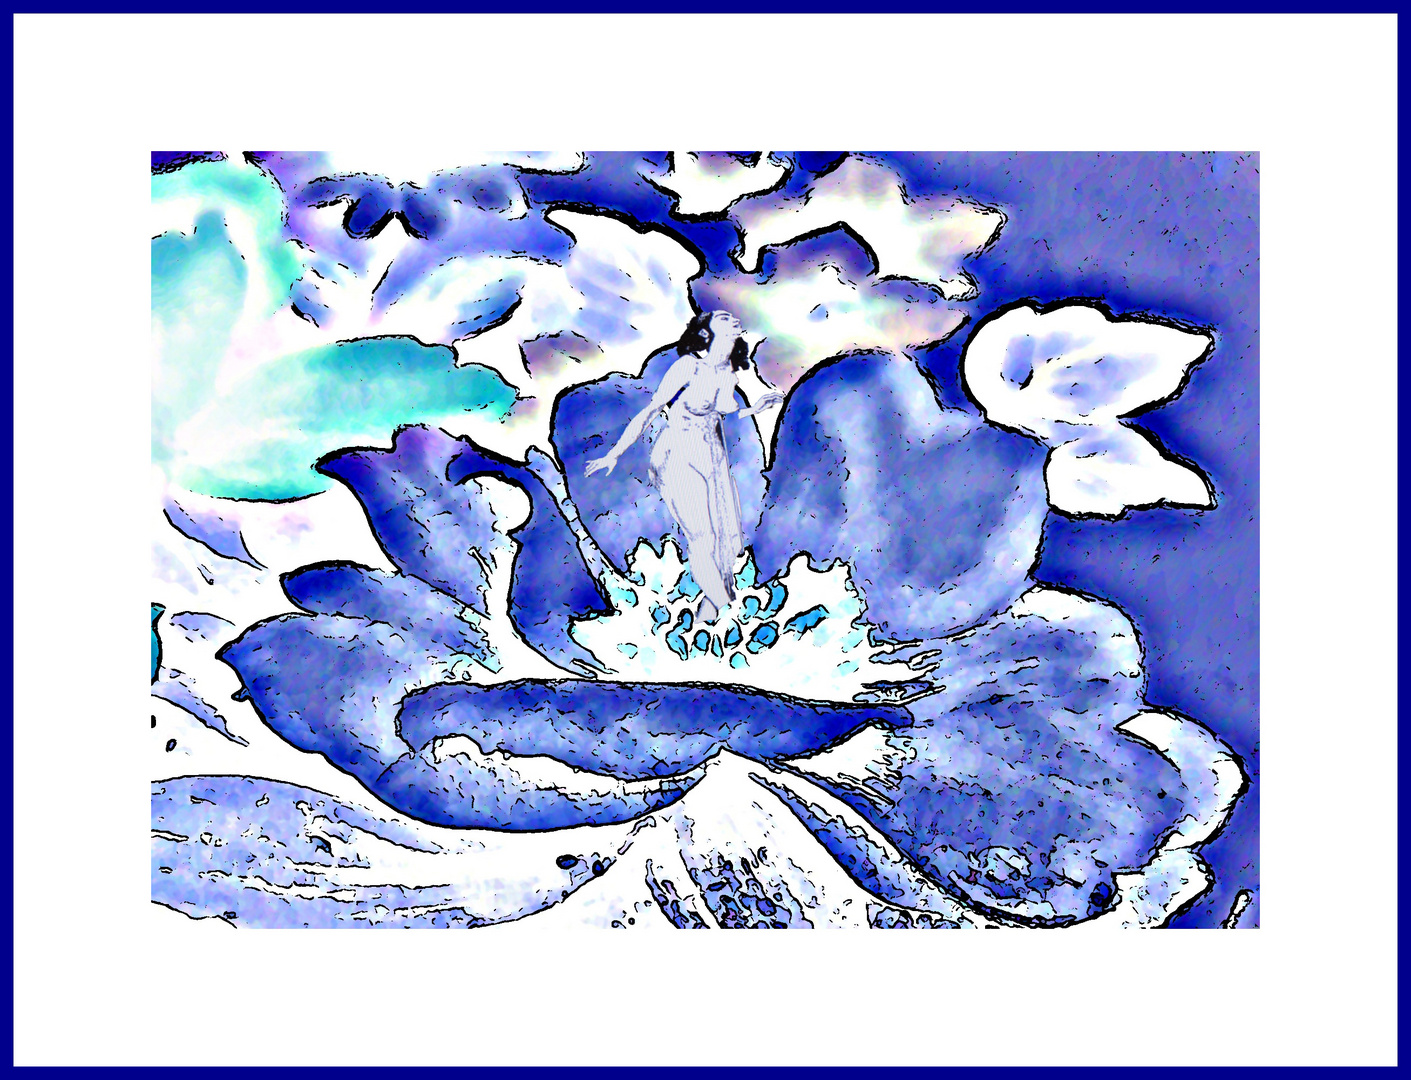 Die blaue Schönheit wartet auf den Liebhaber